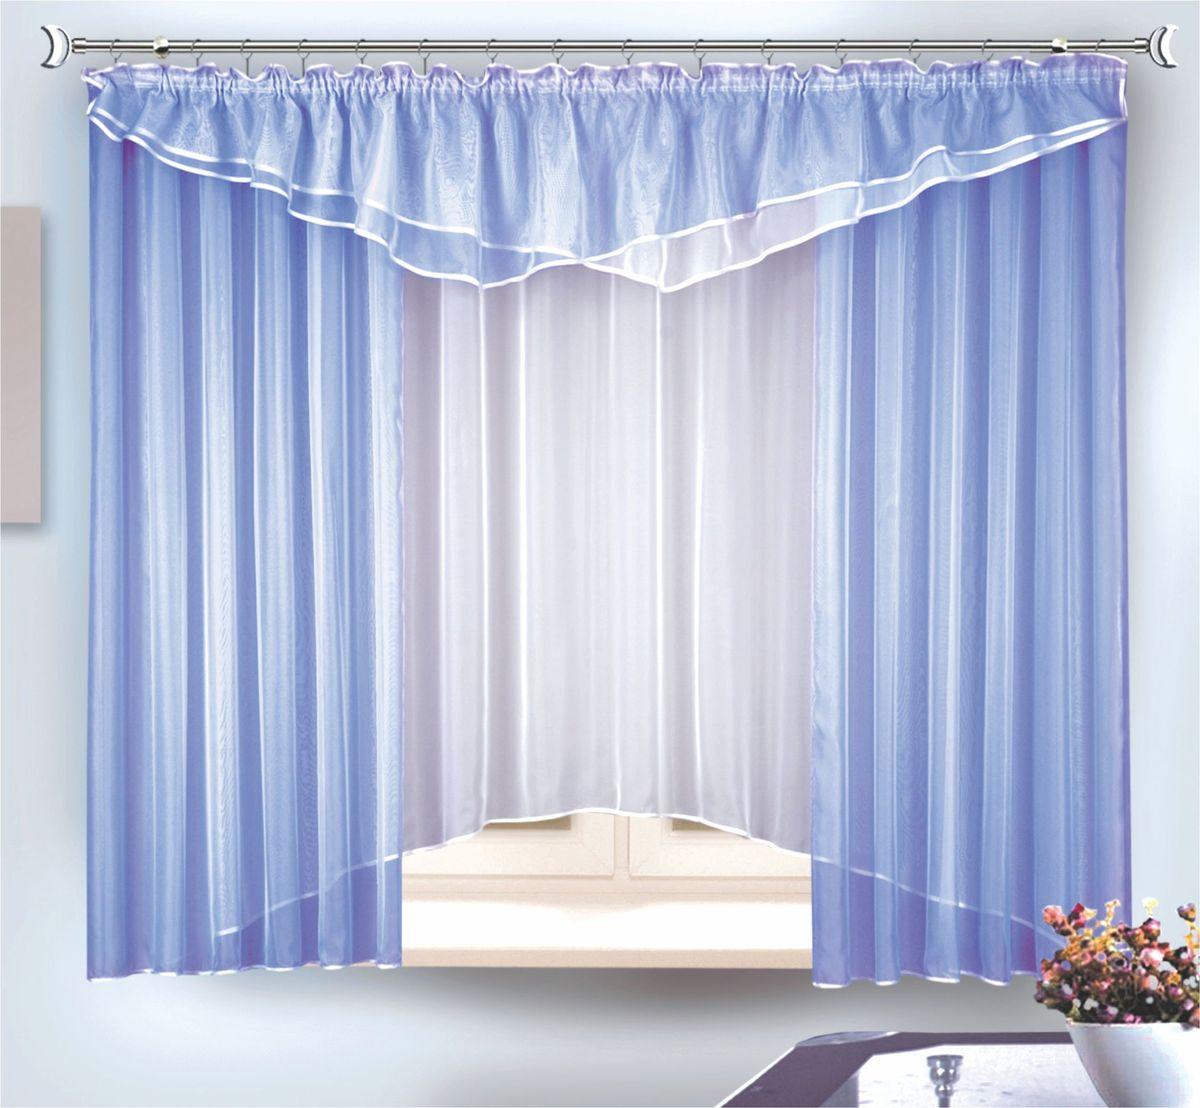 Комплект штор для кухни Zlata Korunka, на ленте, цвет: голубой, высота 180 см. 3333810503Комплект штор на шторной лентеРазмер: тюль ширина 290 x высота 180, шторы - ширина 290 x высота 170 + ламбрекен - ширина 290 x высота 50